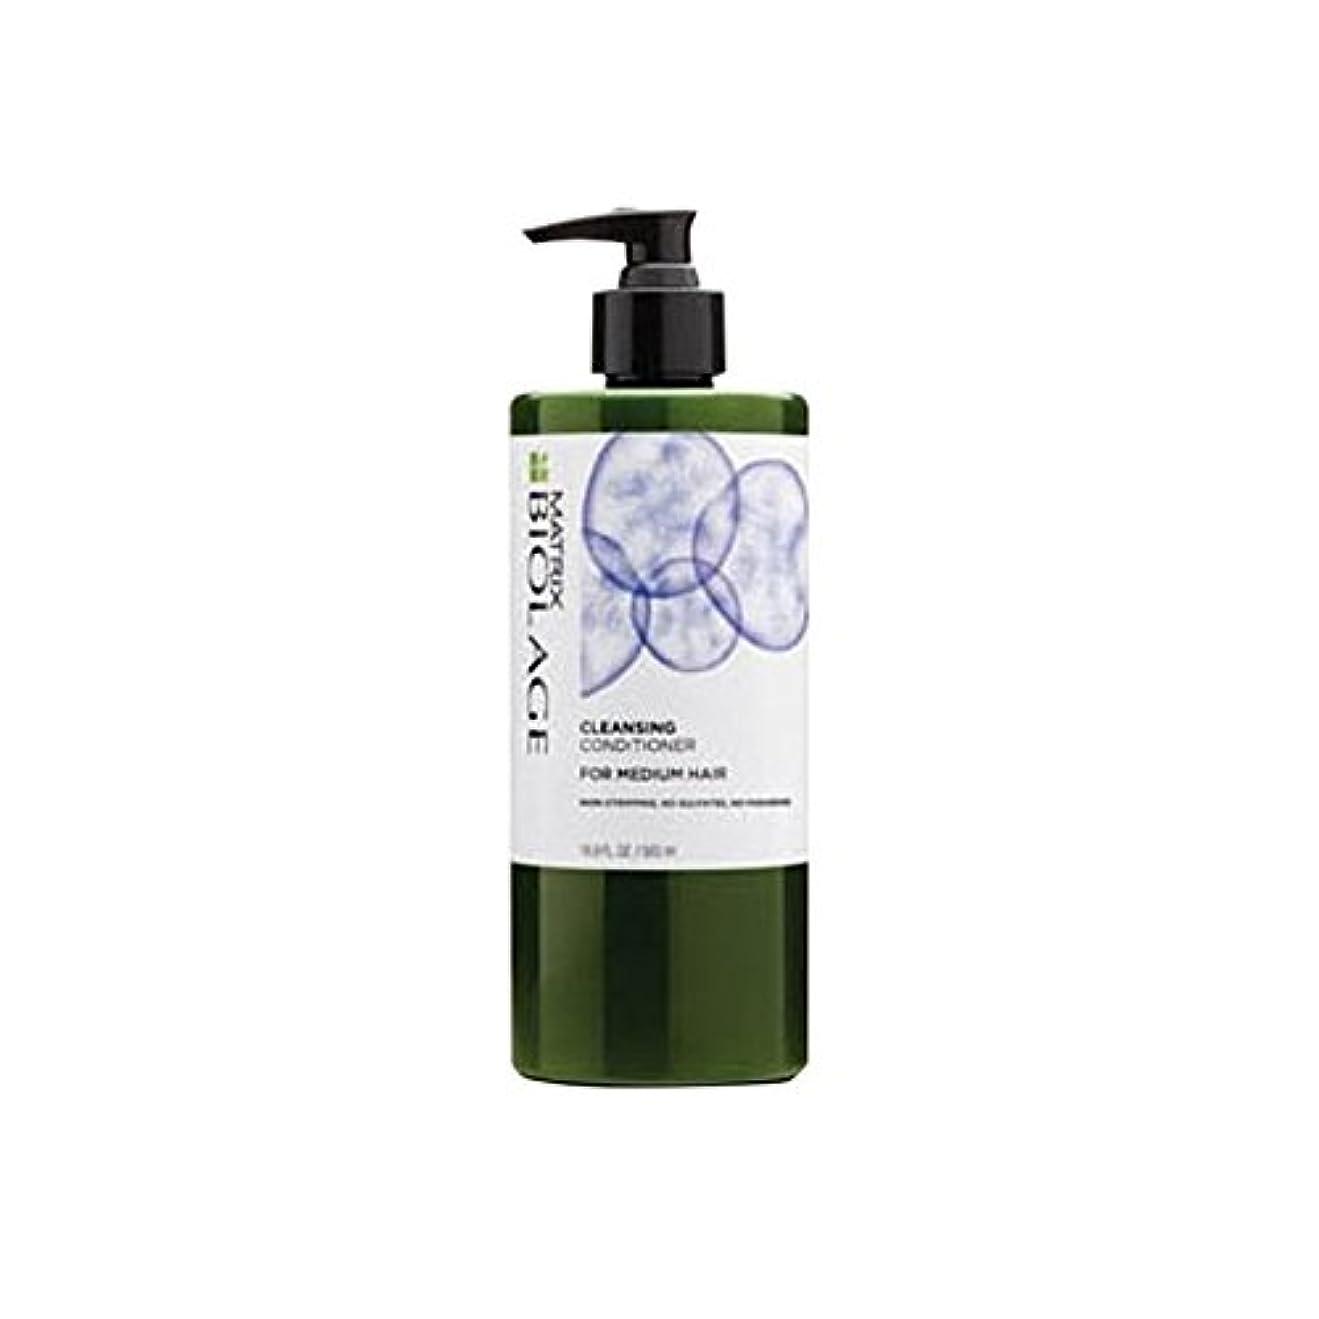 議題レタッチ偏見マトリックスバイオレイジクレンジングコンディショナー - メディア髪(500ミリリットル) x4 - Matrix Biolage Cleansing Conditioner - Medium Hair (500ml) (Pack of 4) [並行輸入品]